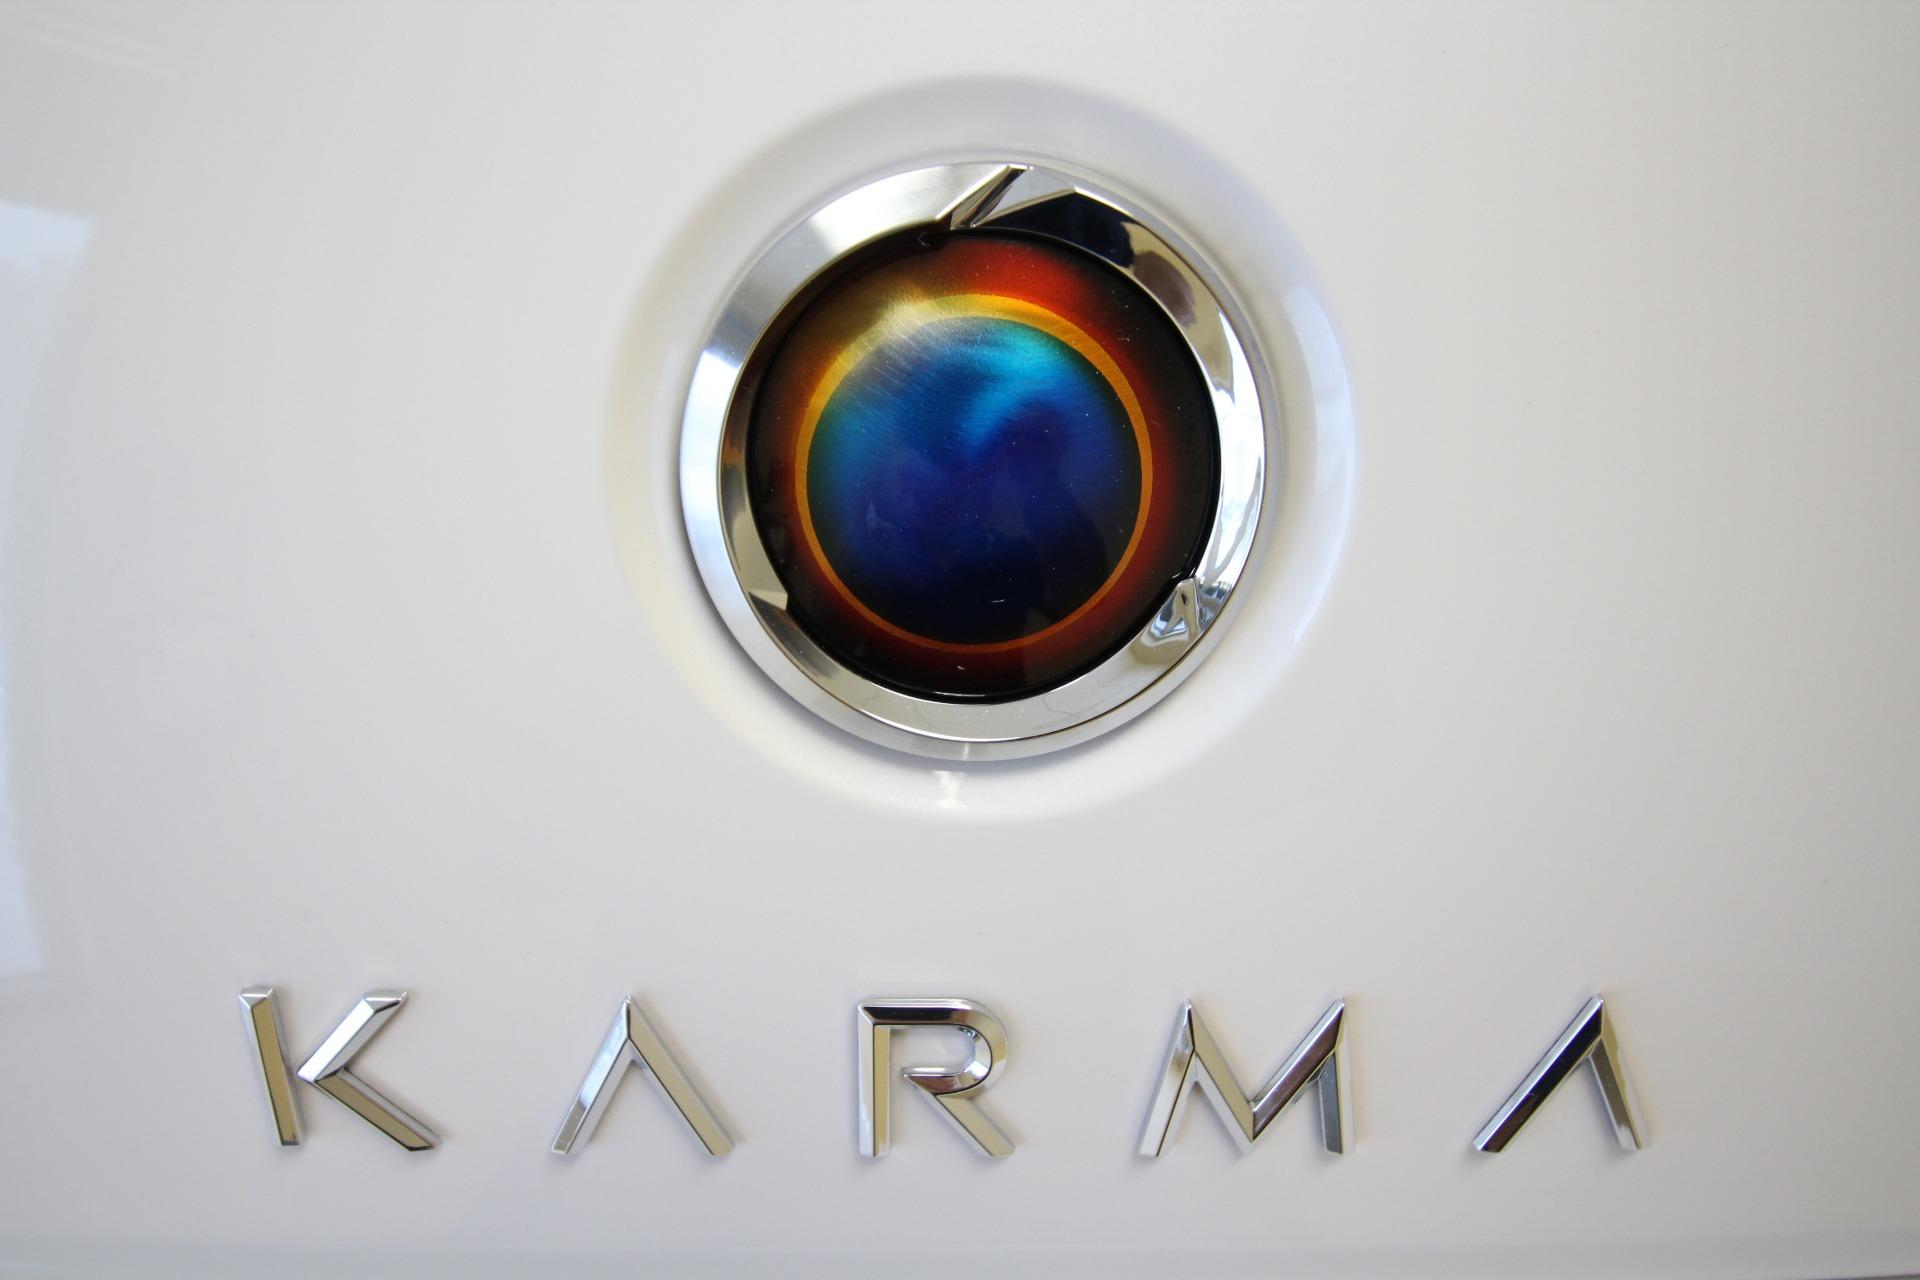 Used 2018 Karma Revero Revero | Albany, NY